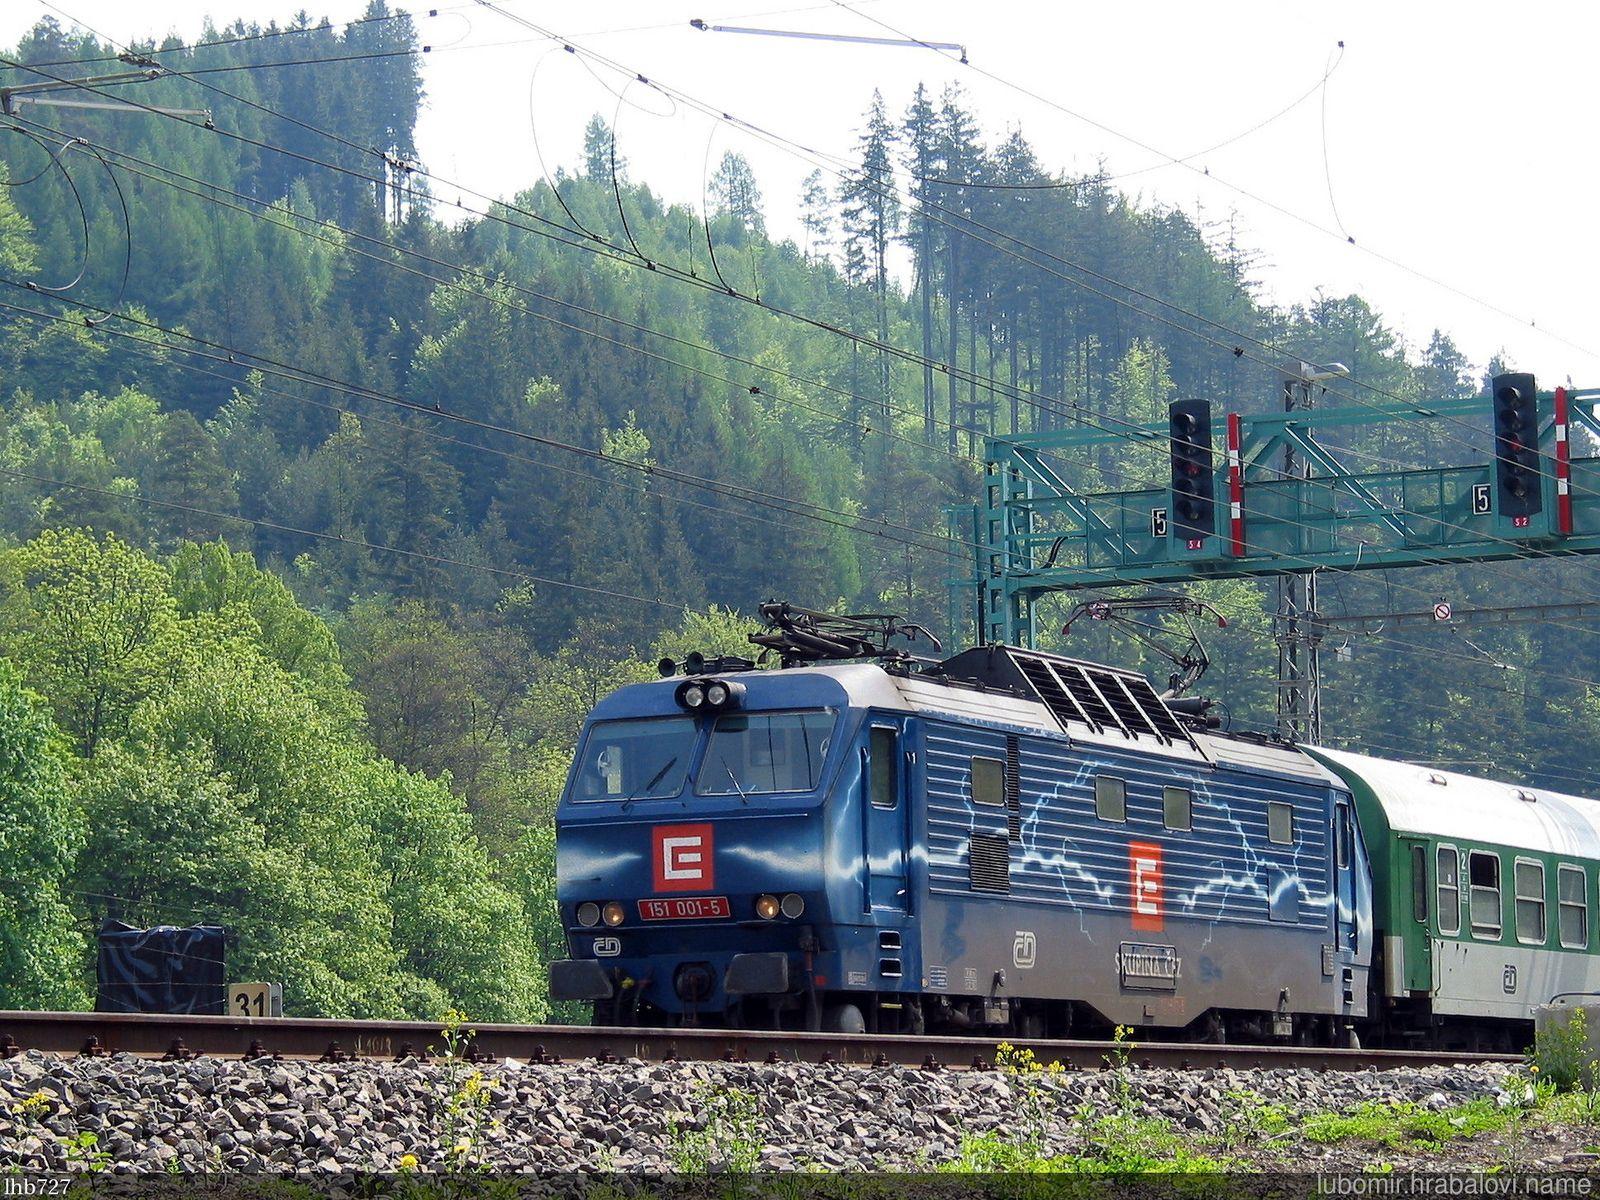 https://flic.kr/p/QyYSKL   Duhovka_IMG_4418   Reklamní lokomotiva ČD - Duhovka 151.001